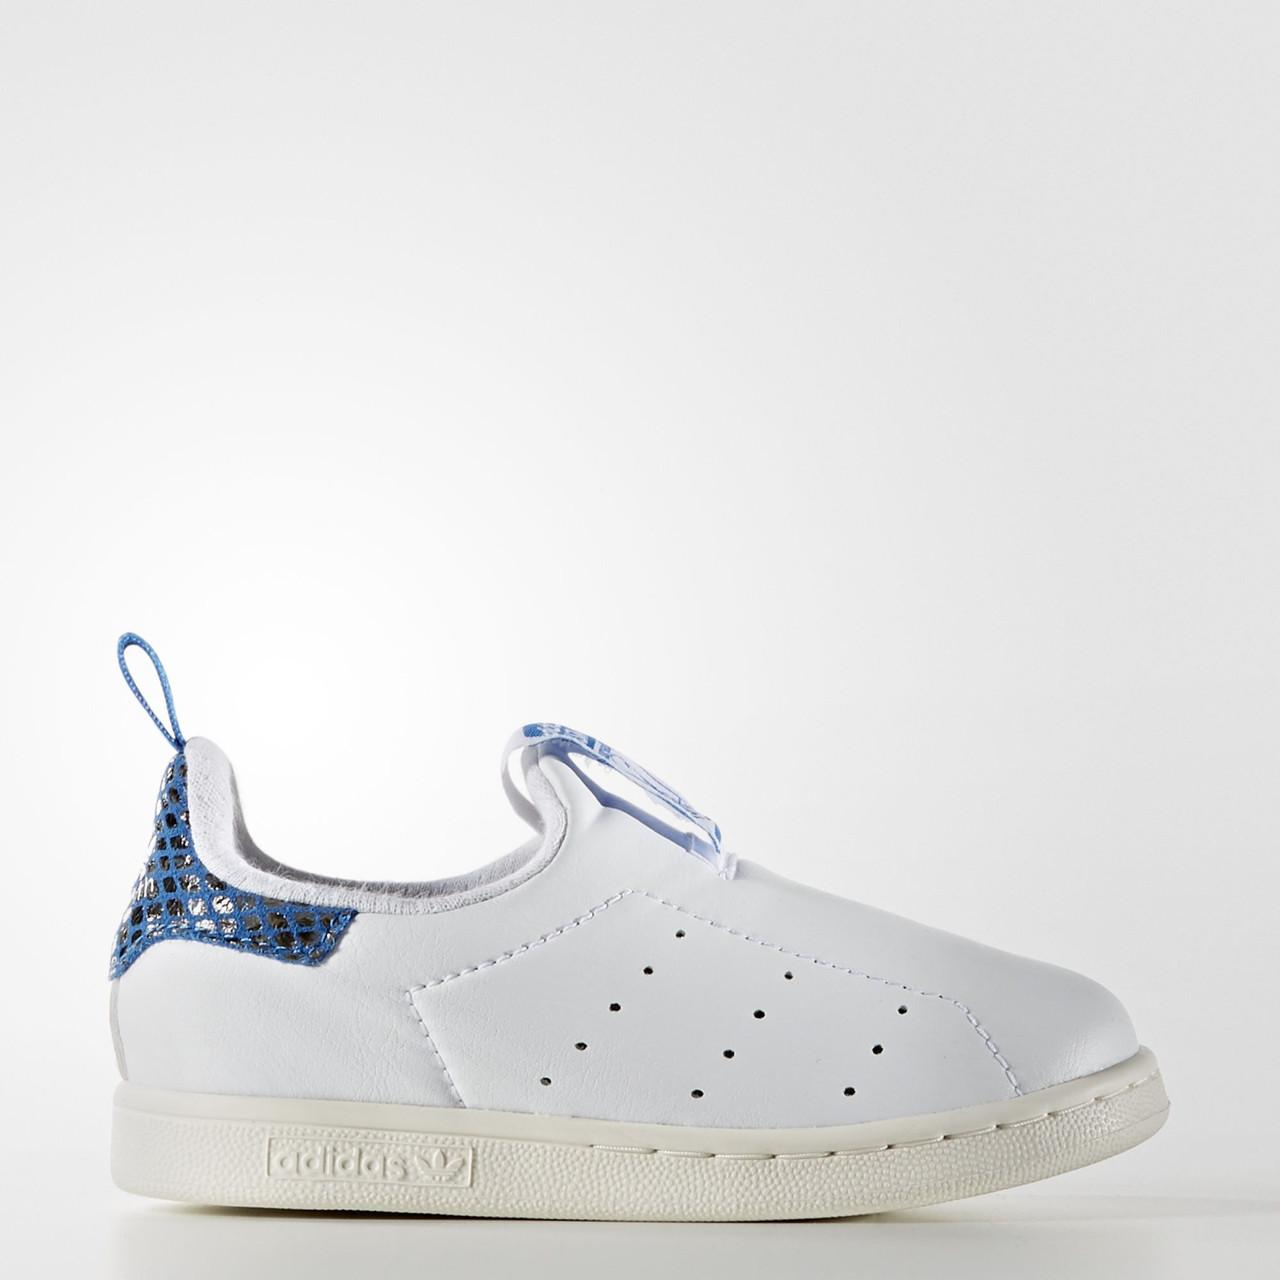 19c6230e3f68 Купить Детские кроссовки Adidas Originals Stan Smith (Артикул ...